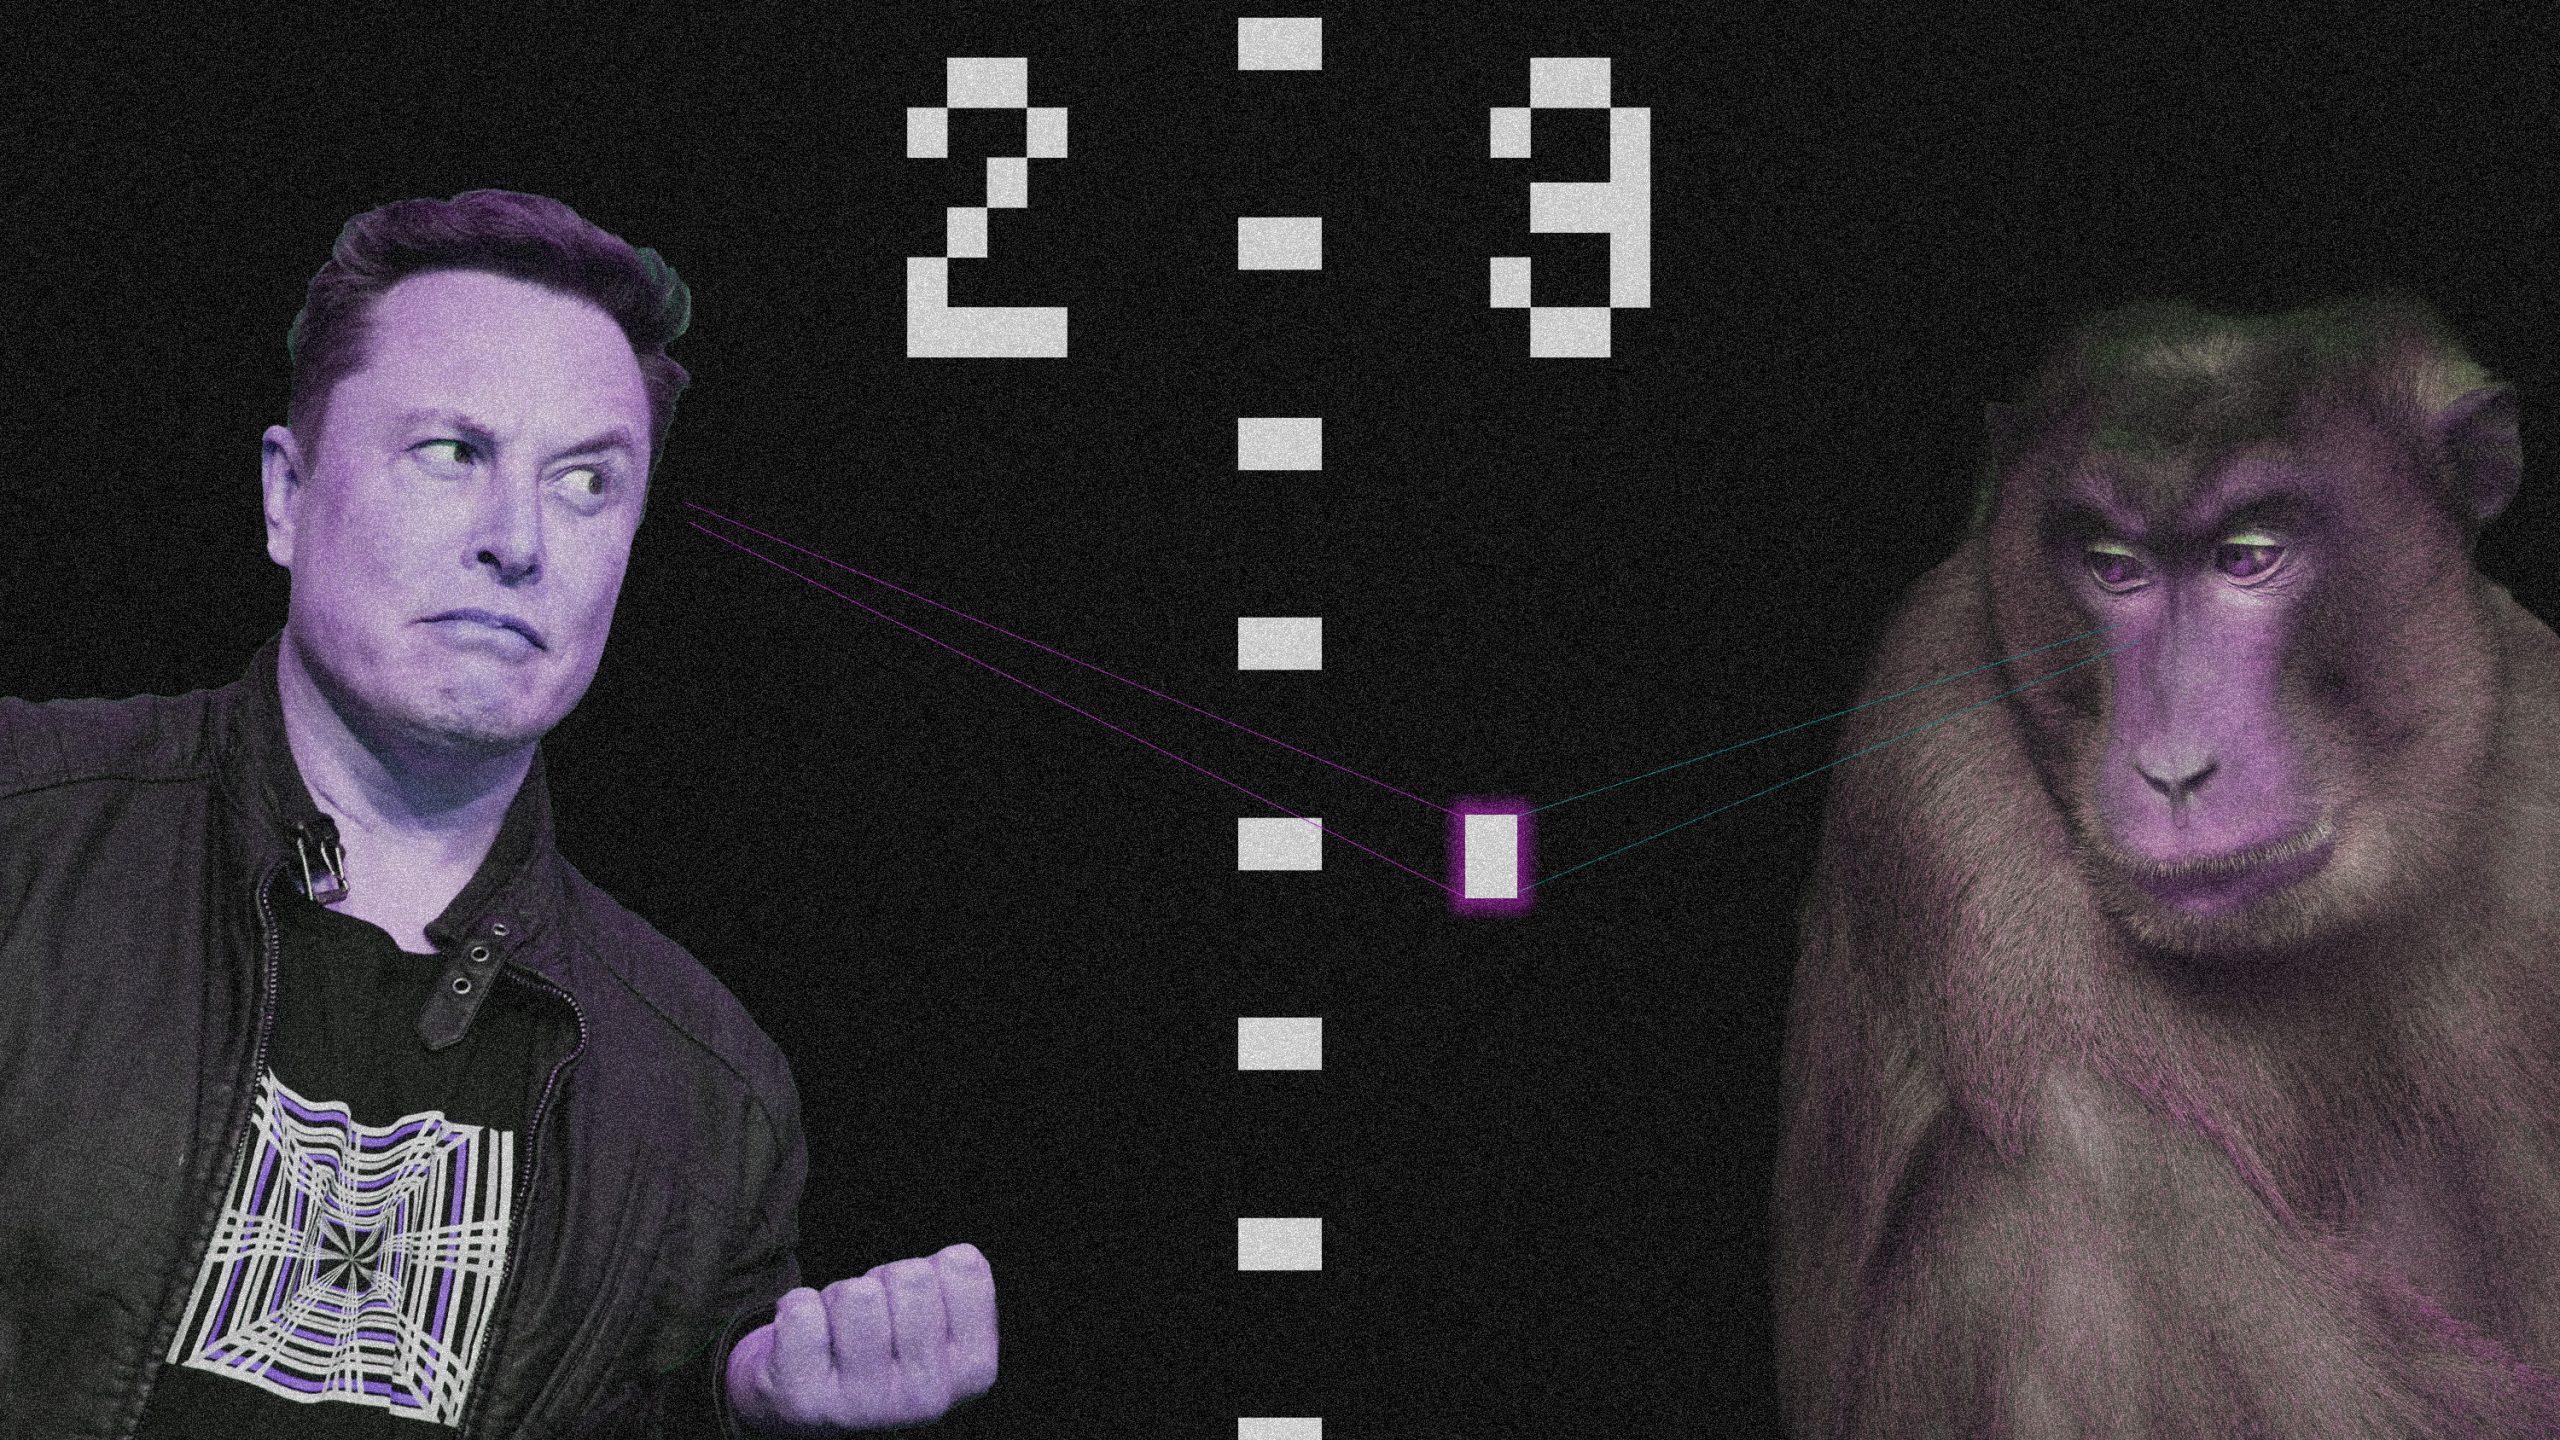 脳デバイスで卓球をプレイ、麻痺男性がE・マスクのサルに挑戦状